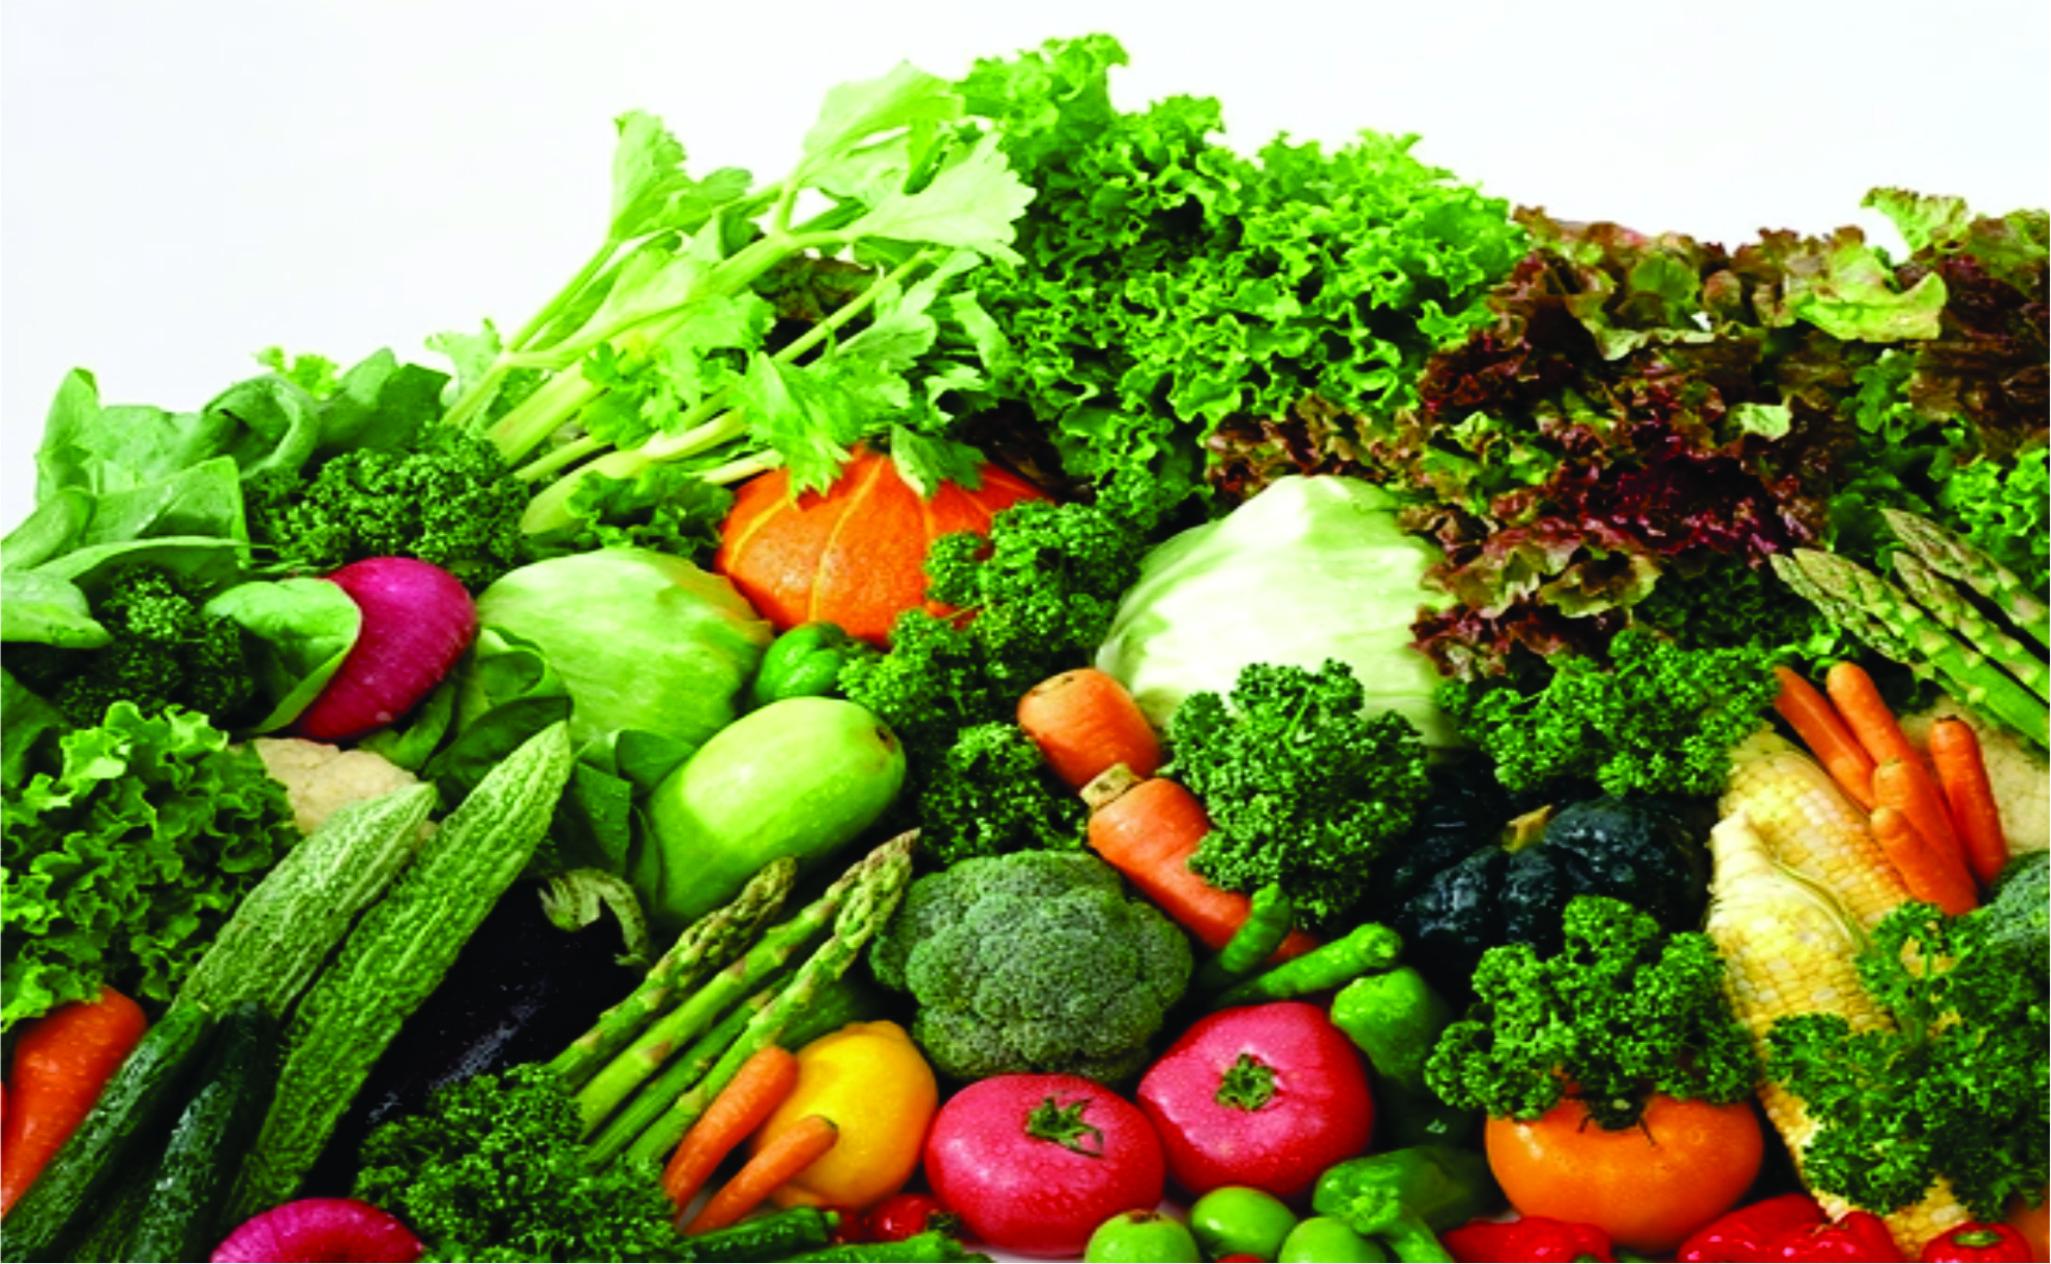 Giảm mỡ mặt bằng rau xanh, các loại hoa quả